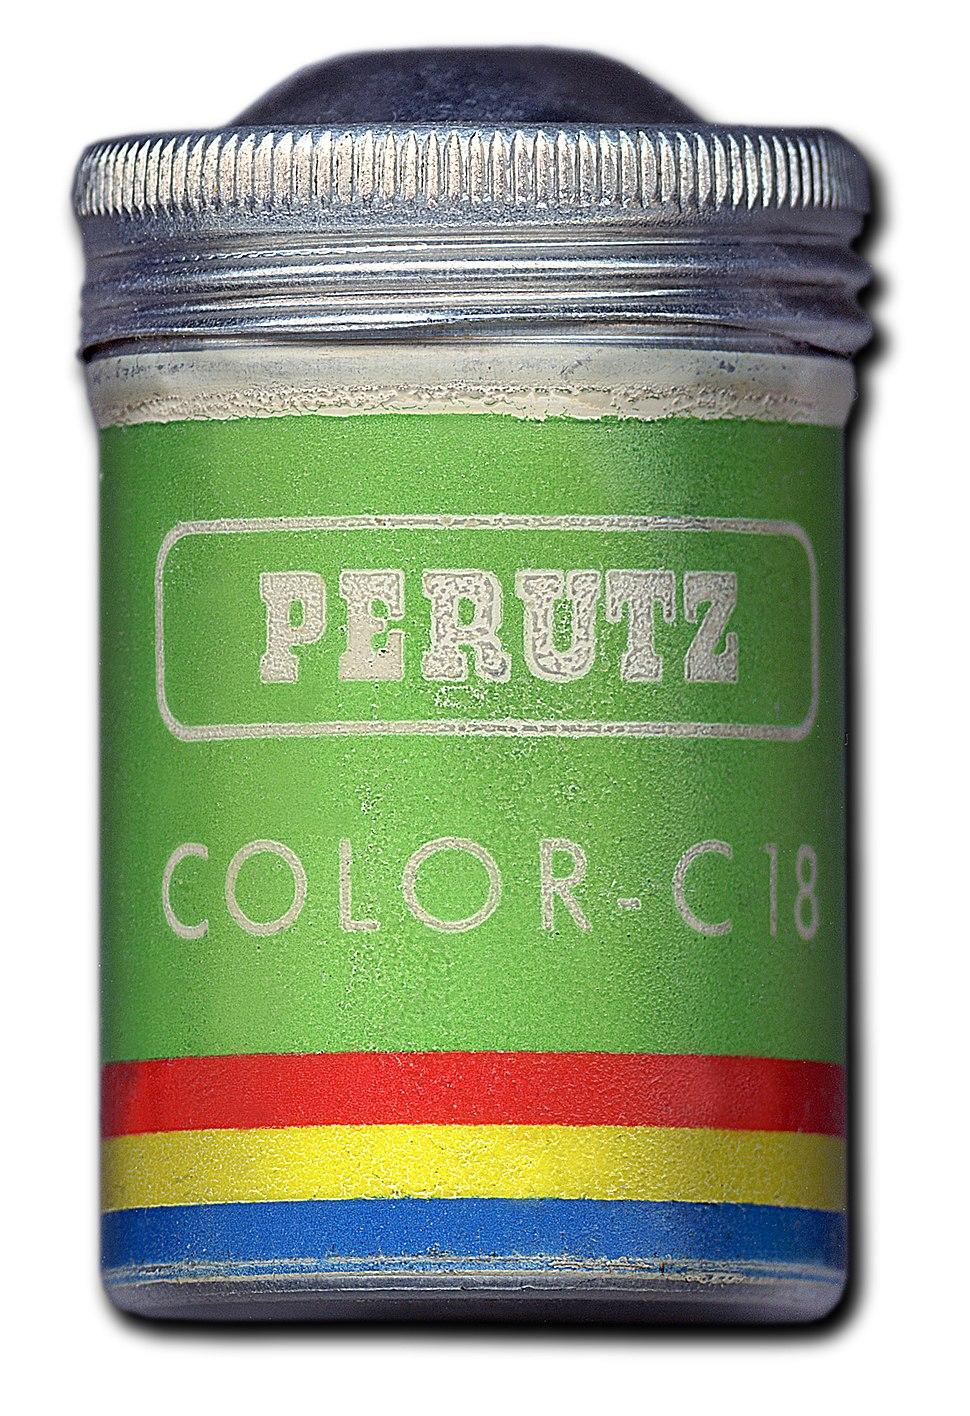 Filmdose Perutz C 18